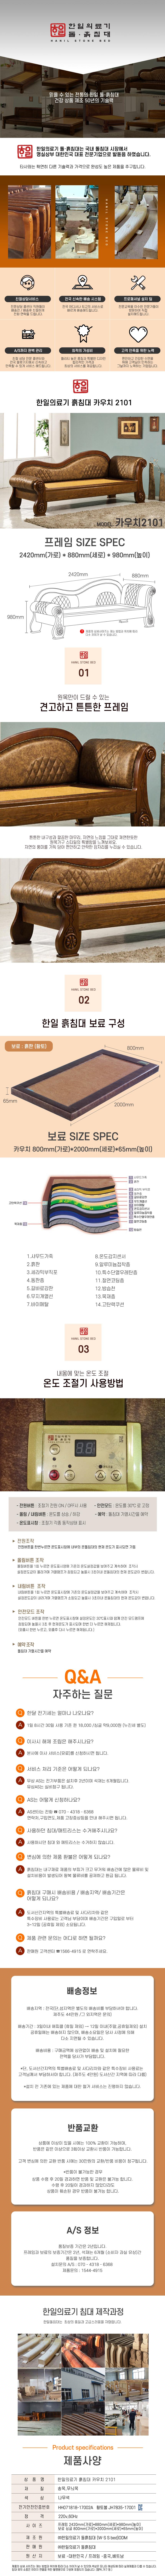 soil-2101c.jpg